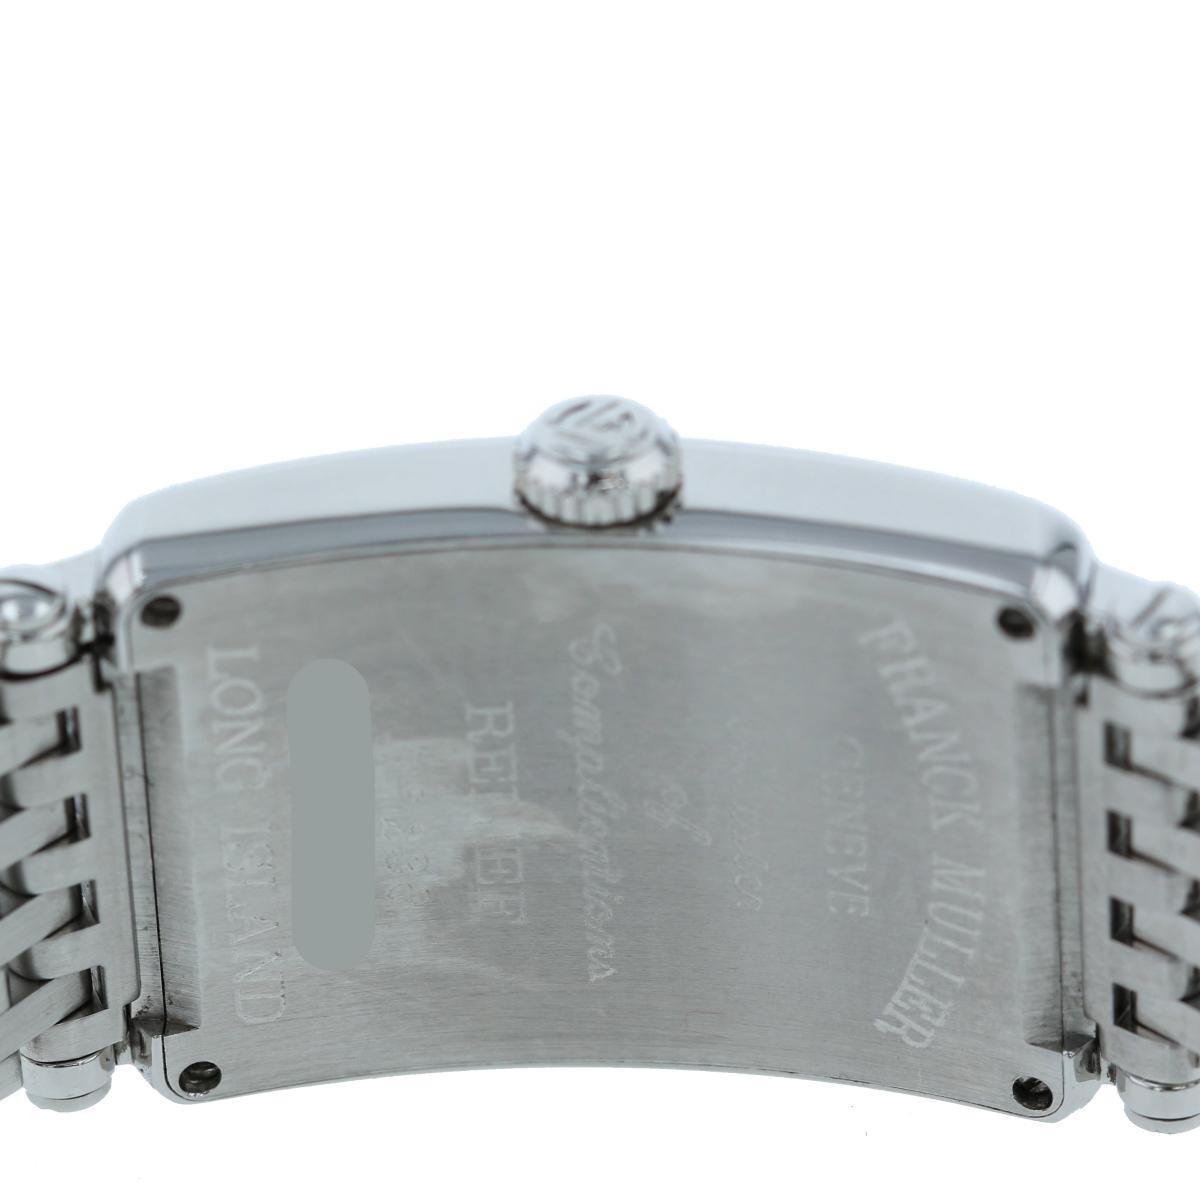 【お値下げ品】【中古】 FRANCK MULLER (フランクミュラー) ロングアイランド レリーフ 時計 クオーツ/レディース  Silver/シルバー 902QZ used:A